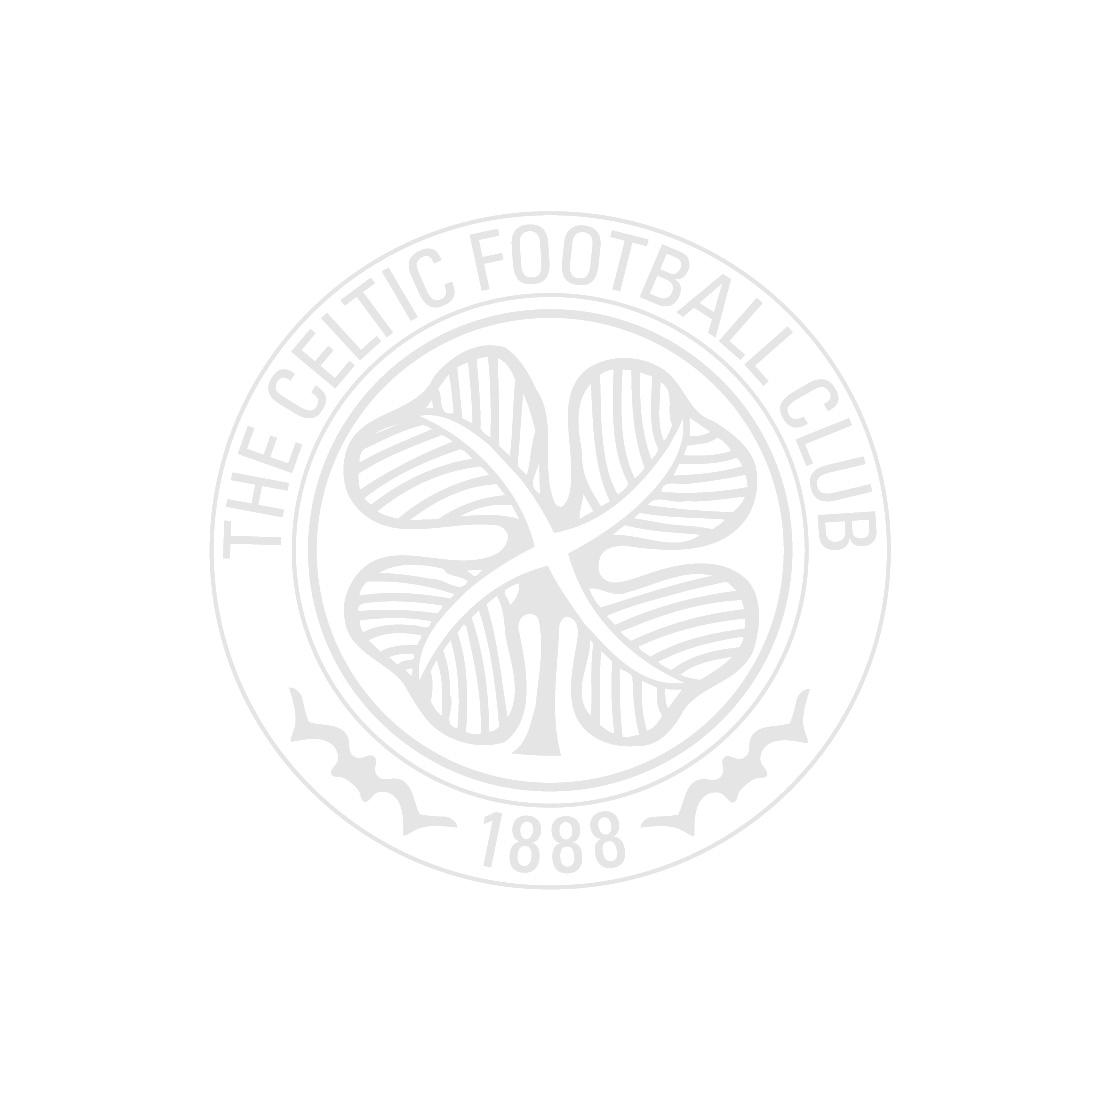 Celtic Older Girls Est 1888 T-shirt